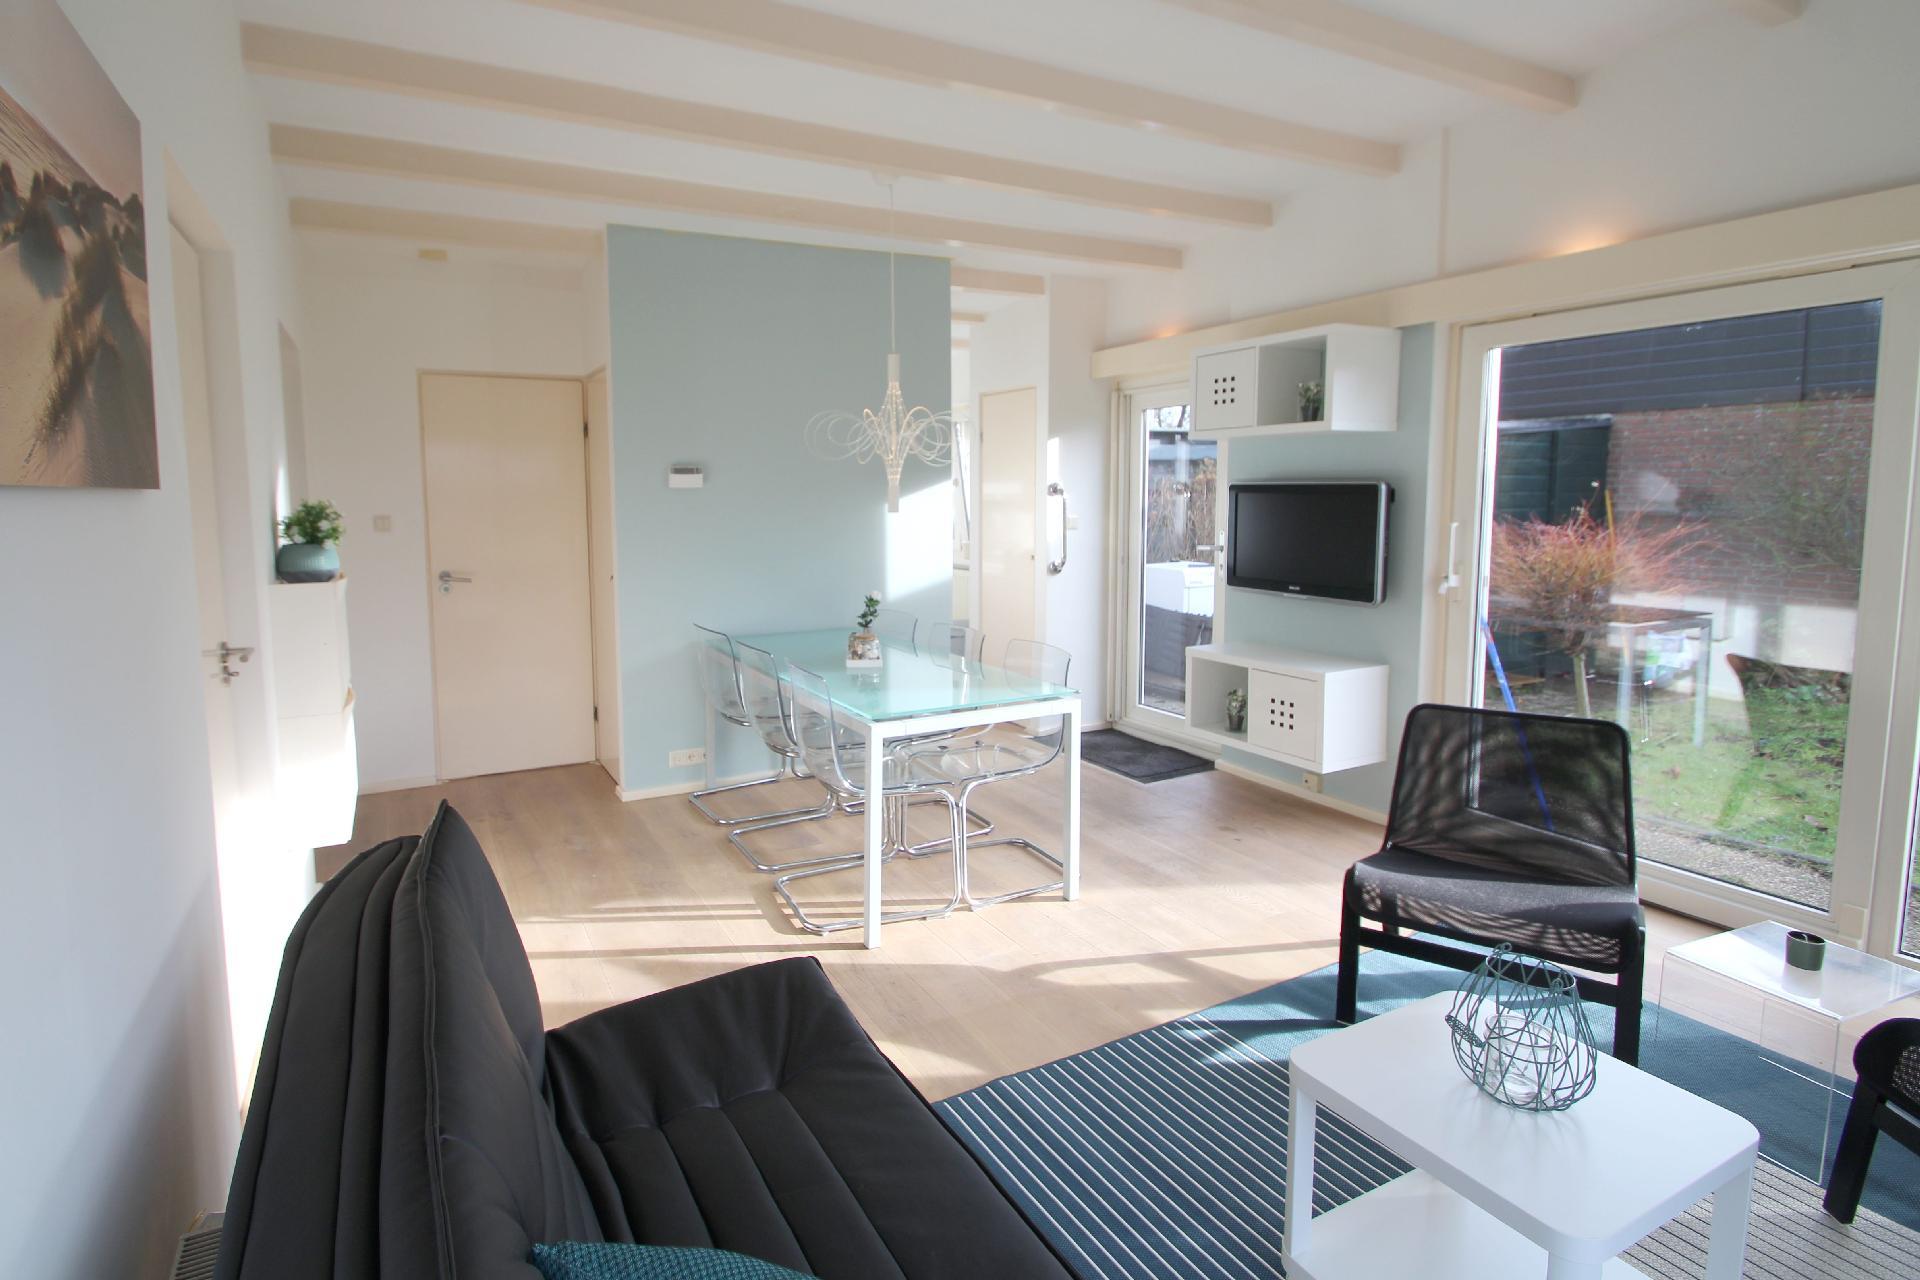 Ferienhaus für 5 Personen ca. 50 m² in N